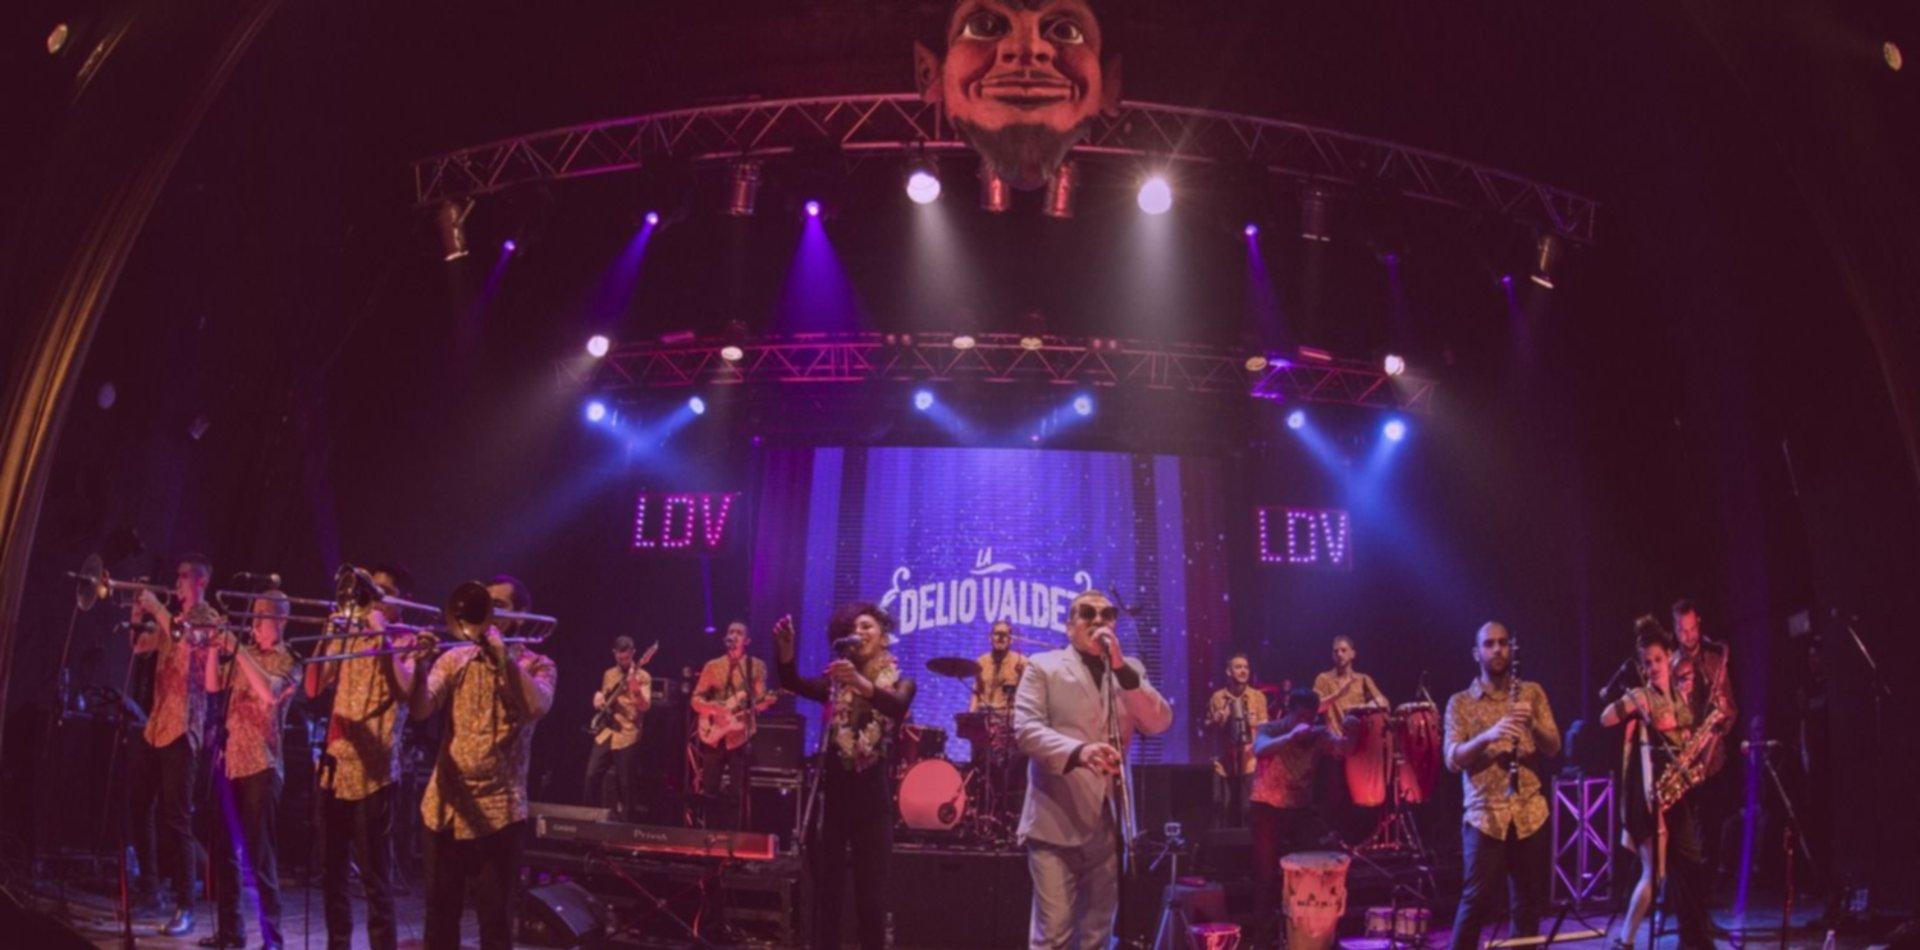 Atención fanáticos: La Delio Valdez suma una nueva función en La Plata